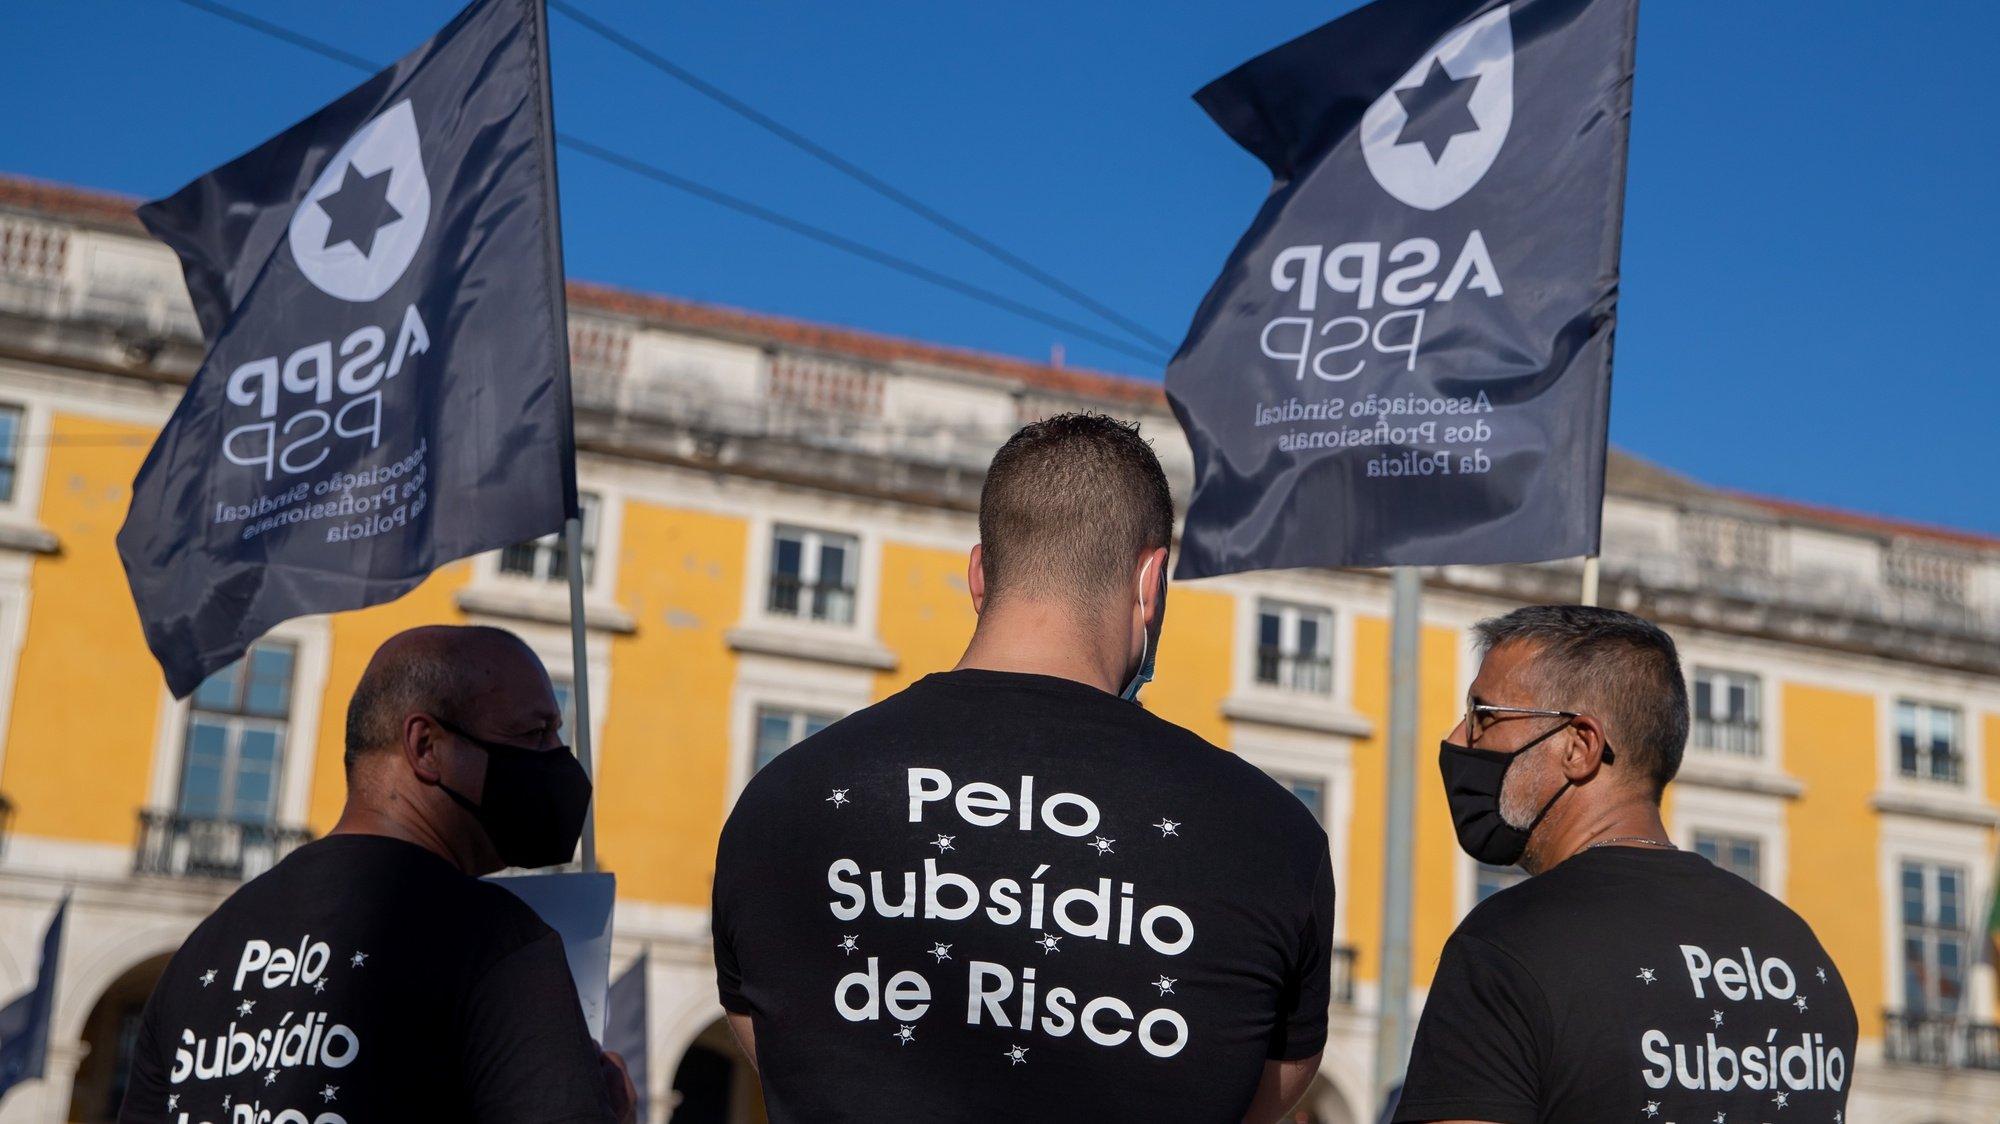 """Profissionais da Polícia de Segurança Pública e da Guarda Nacional Republicana protestam com o objetivo de """"sensibilizar todos os cidadãos para a problemática da não atribuição do suplemento de risco aos polícias da PSP e militares da GNR"""", em frente ao Ministério da Administração Interna, em Lisboa, 15 de julho de 2021. JOSÉ SENA GOULÃO/LUSA"""